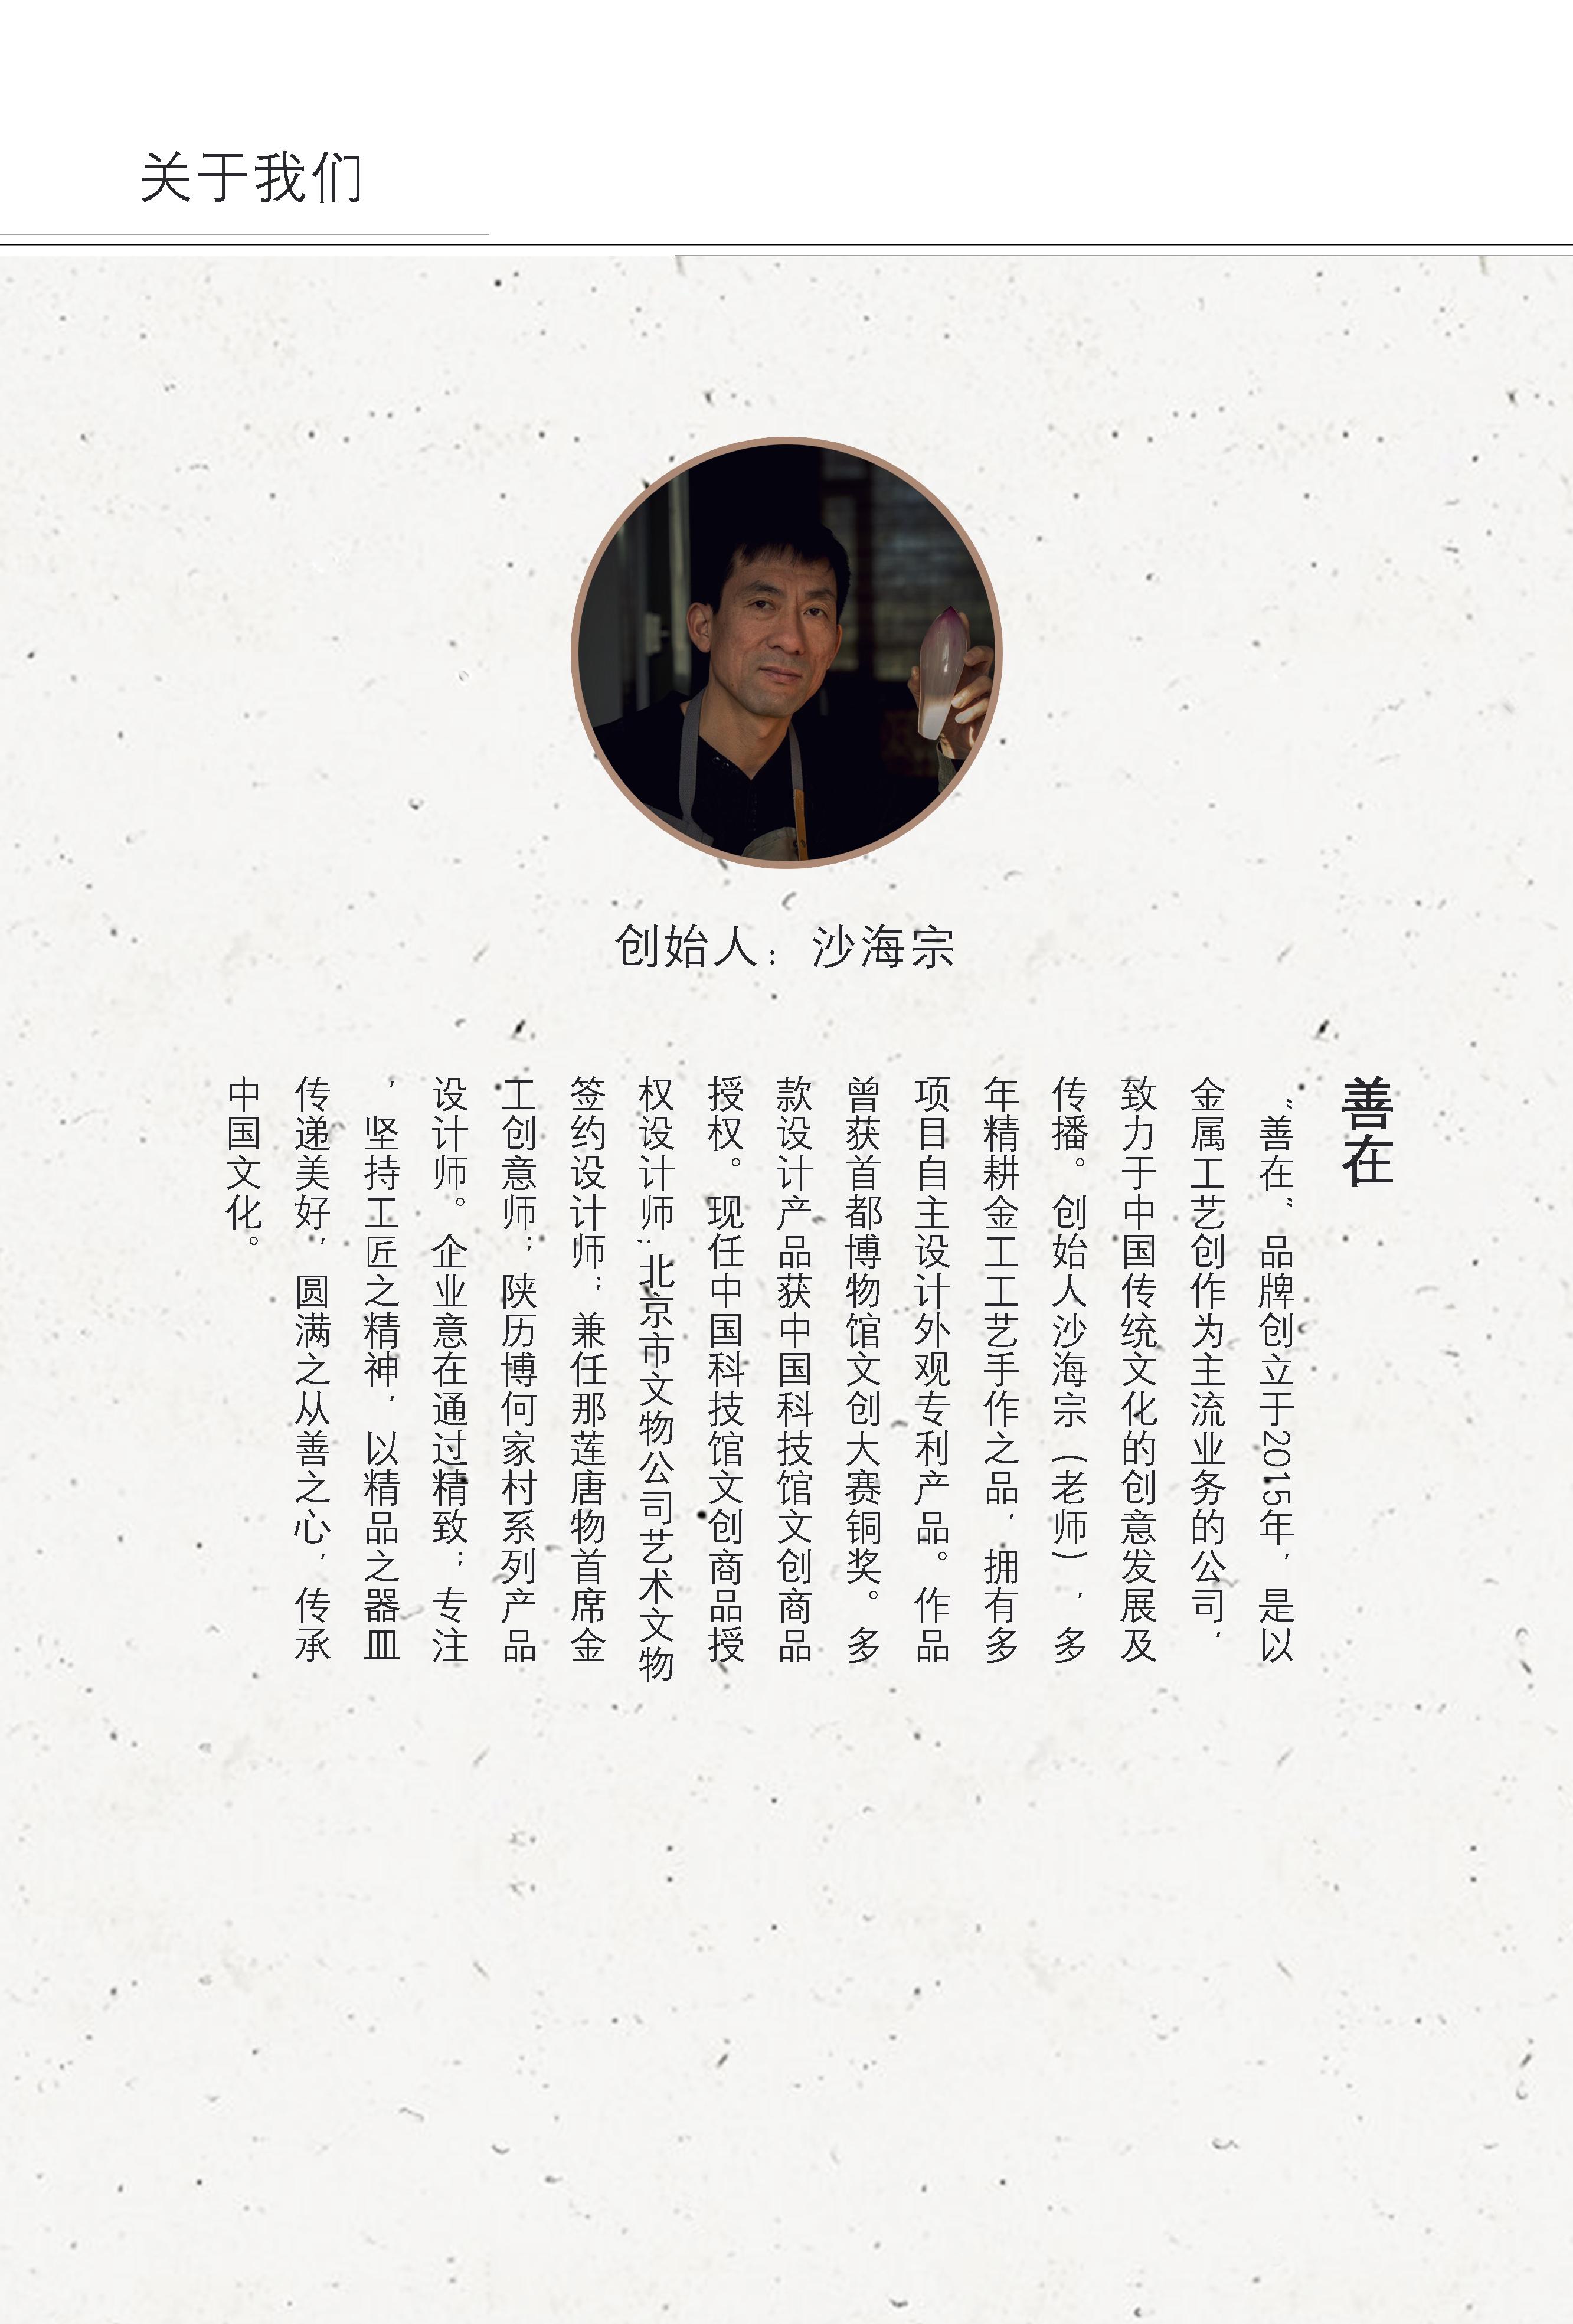 介绍2.jpg